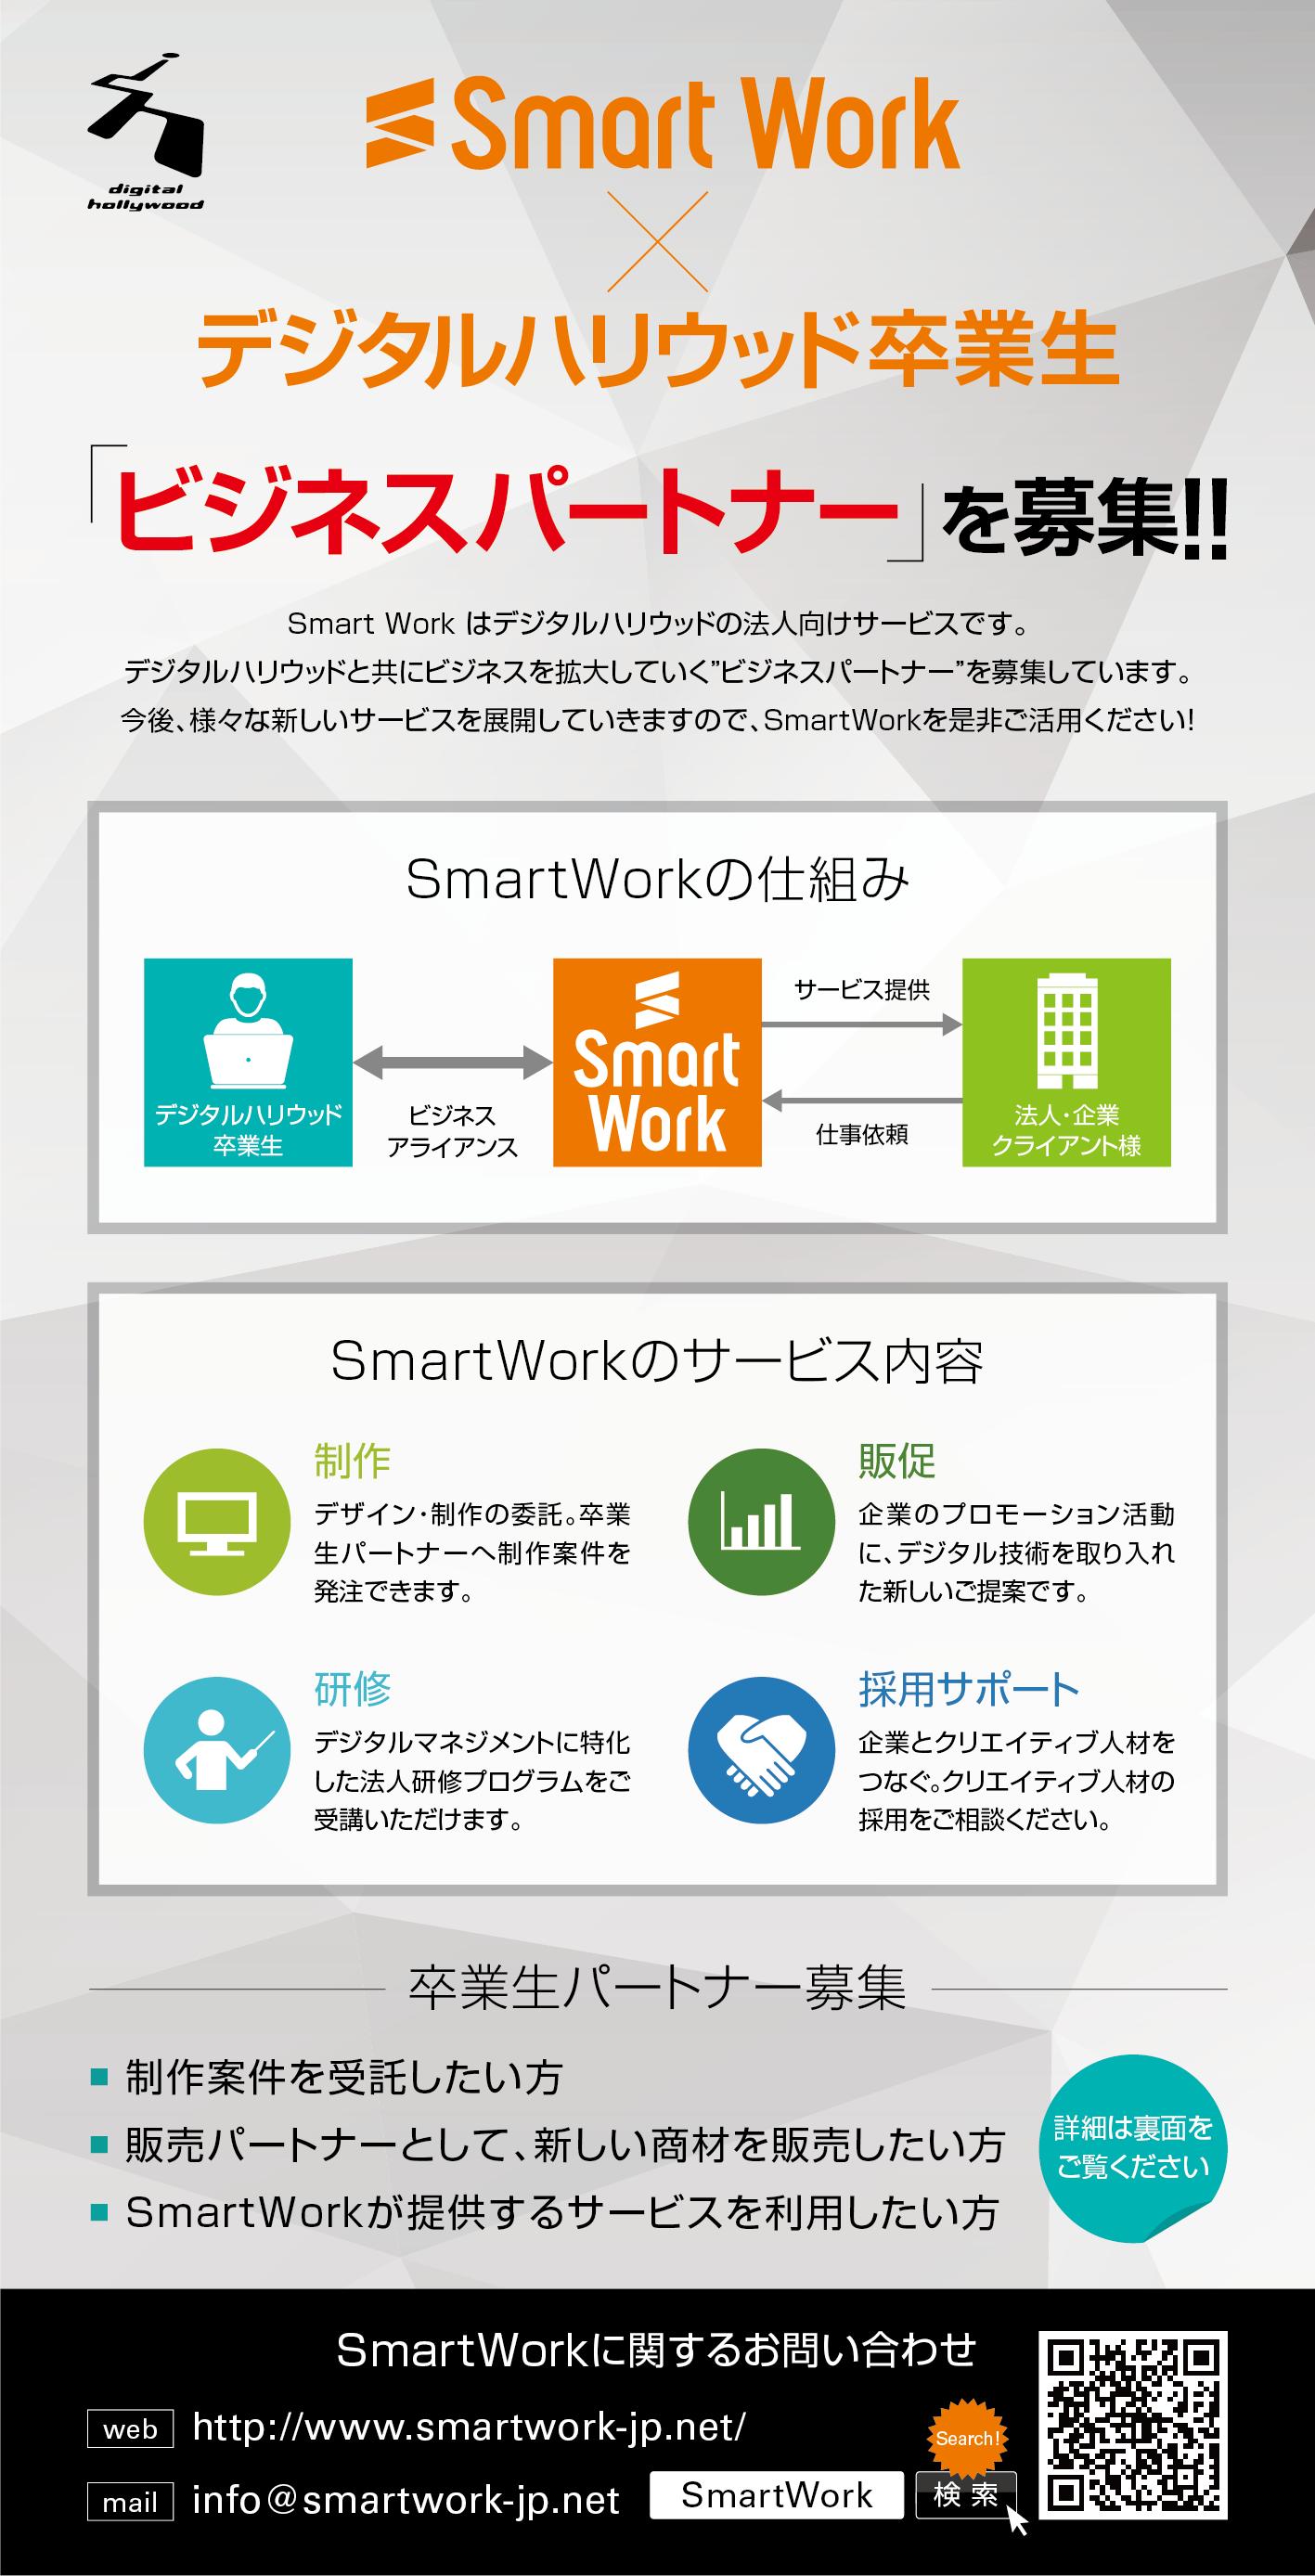 デジタルハリウッドが運営するジョブマッチングサービス「Smart Work」のチラシ表面